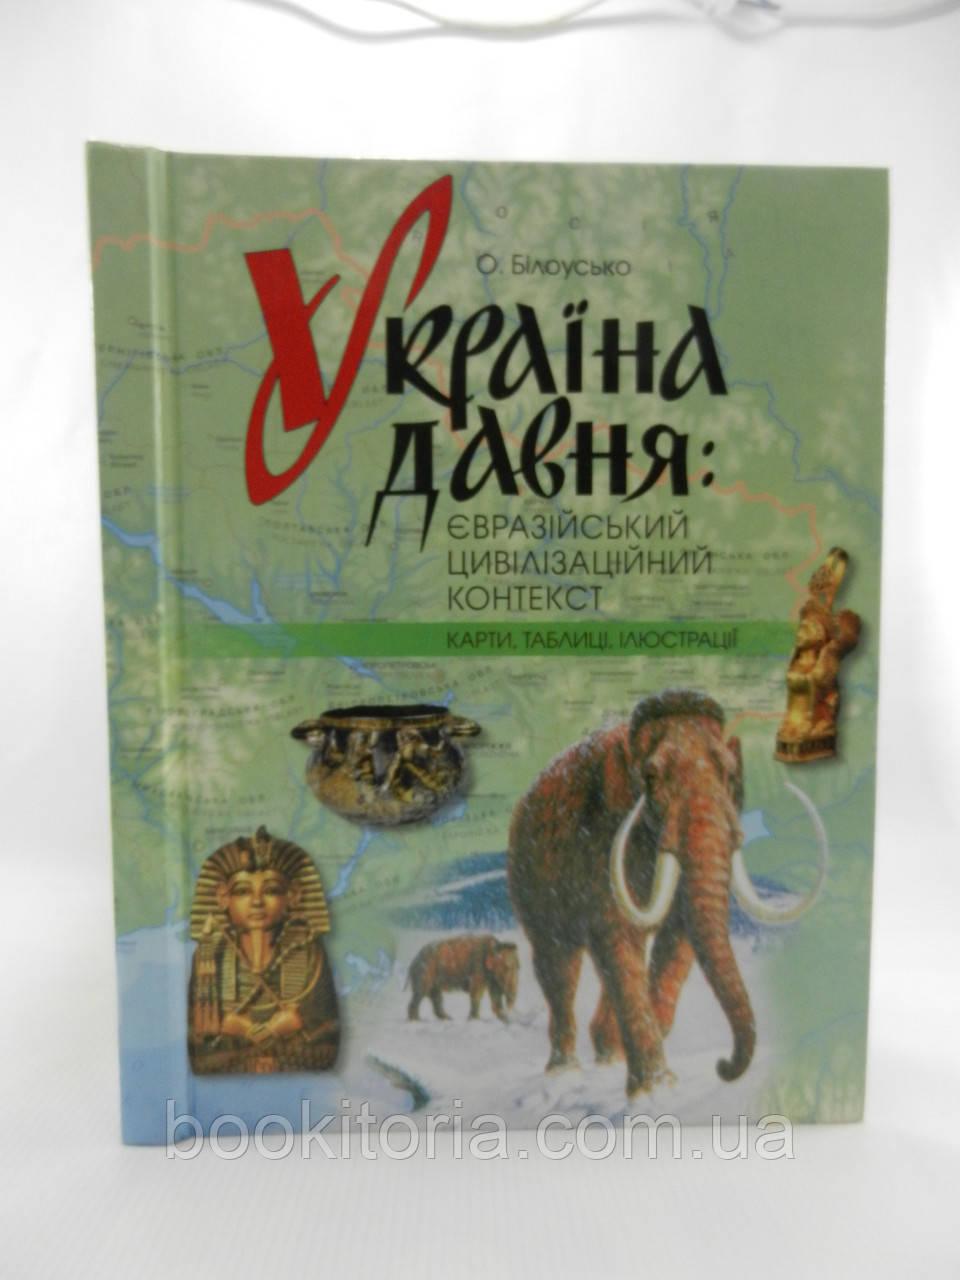 Білоусько О. Україна давня: Євразійський цивілізаційний контекст (б/у).